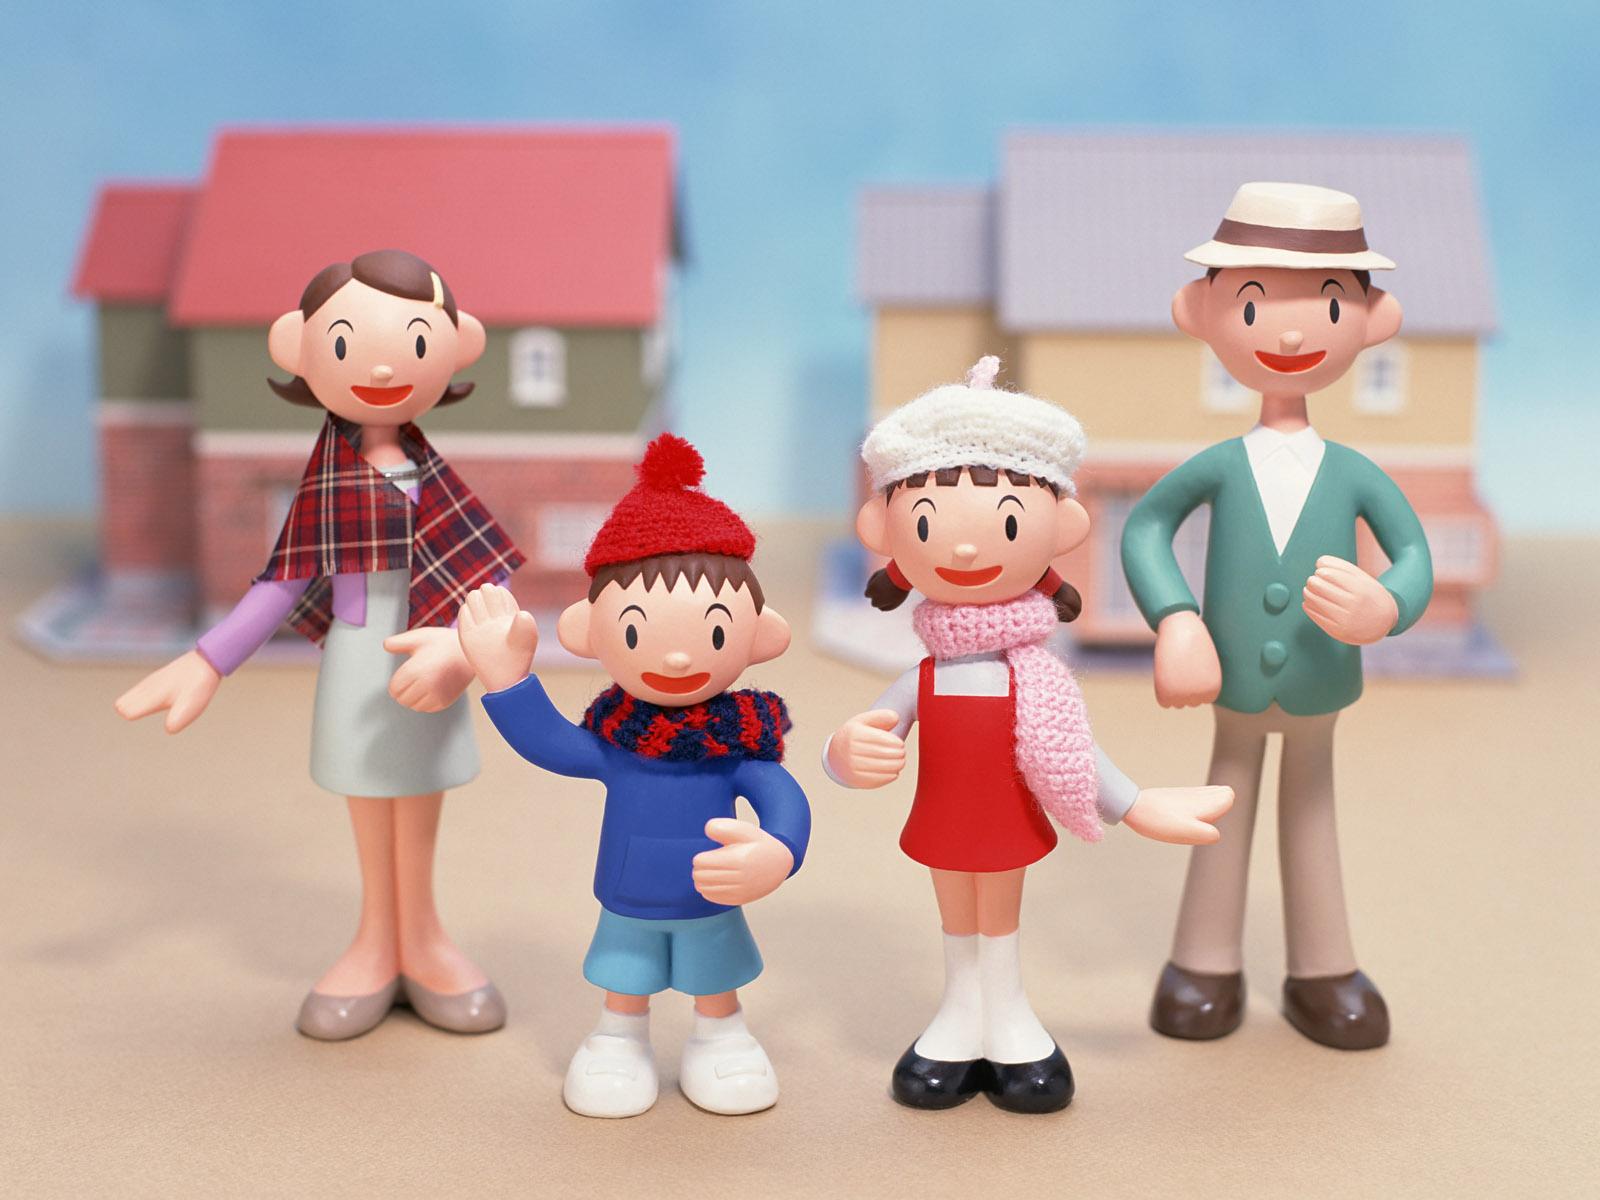 快乐家庭-设计欣赏-素材中国-online.sccnn.com